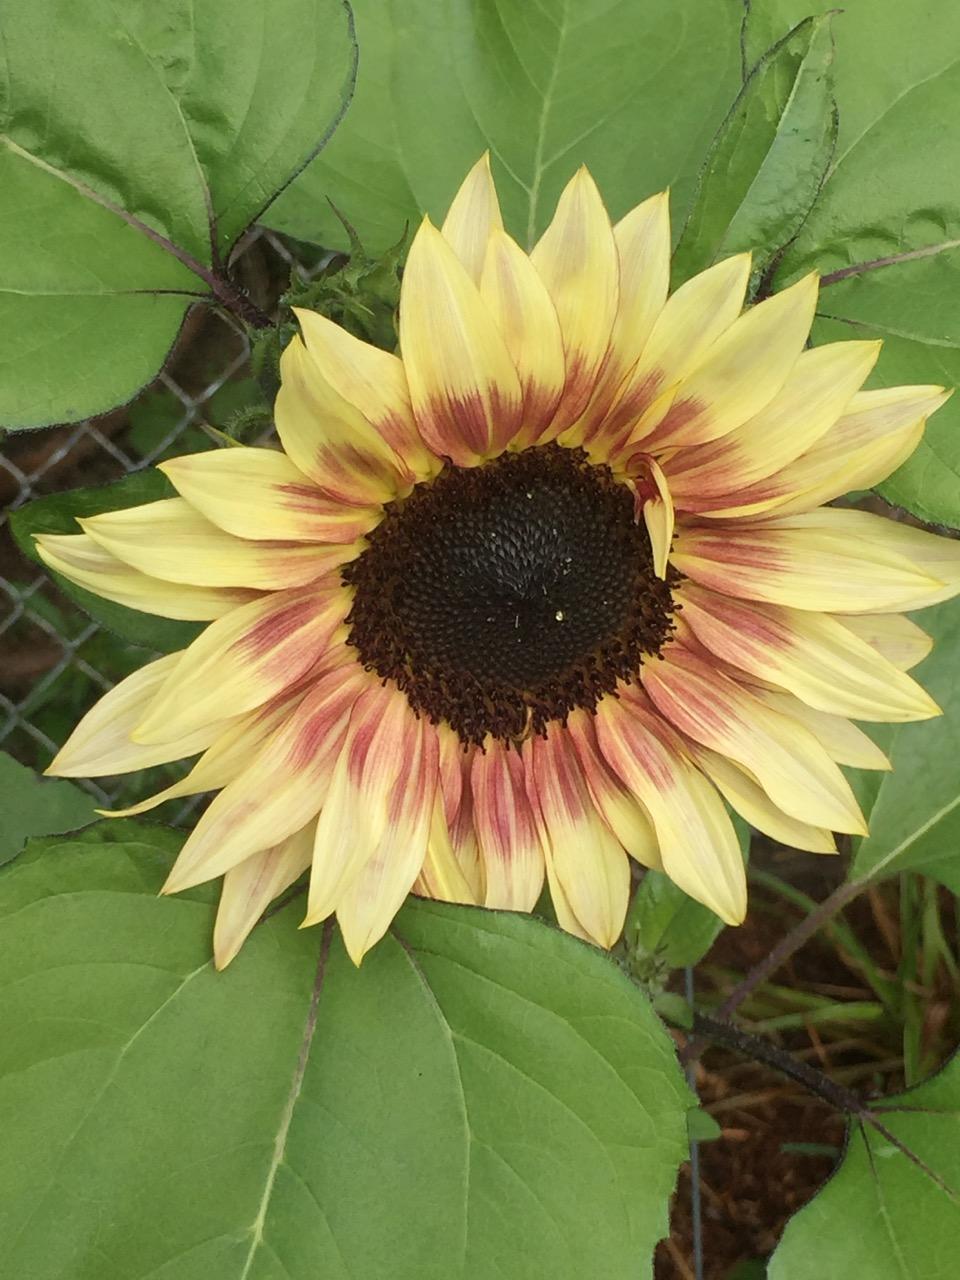 Sunflower 17.jpeg